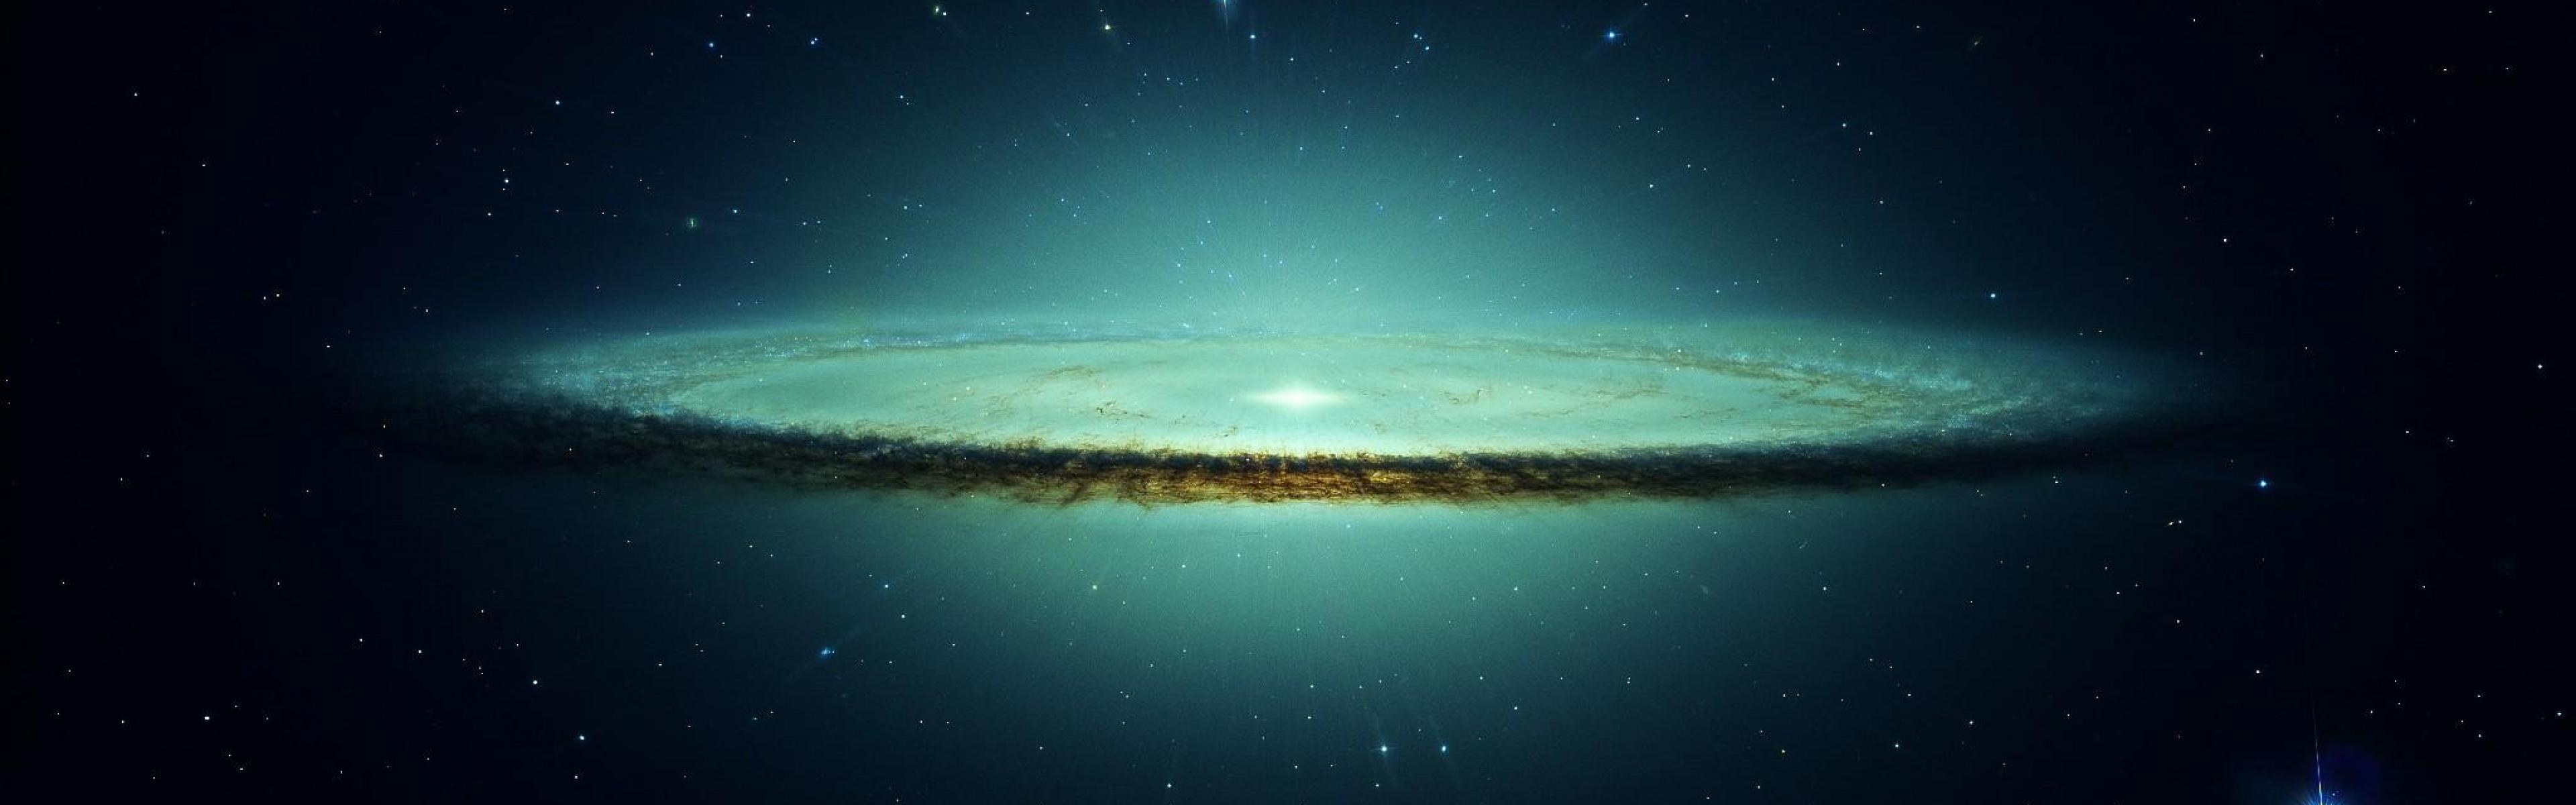 panoramic star wars wallpaper 3840x1080 wallpapersafari